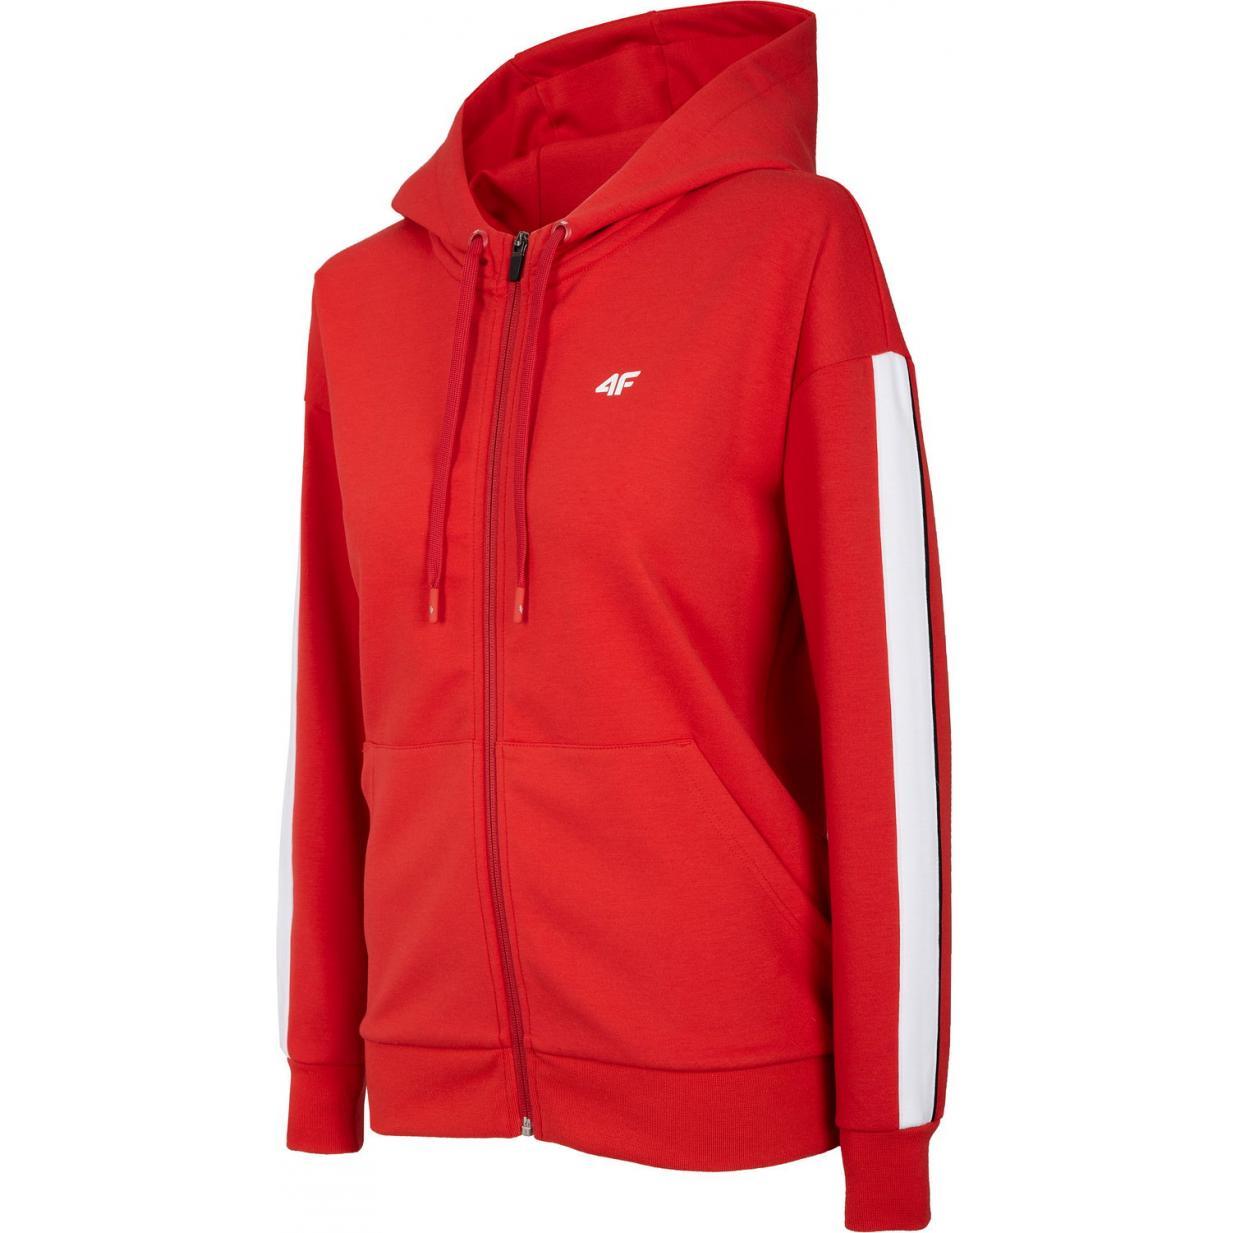 Damska bluza 4F czerwona, czarna